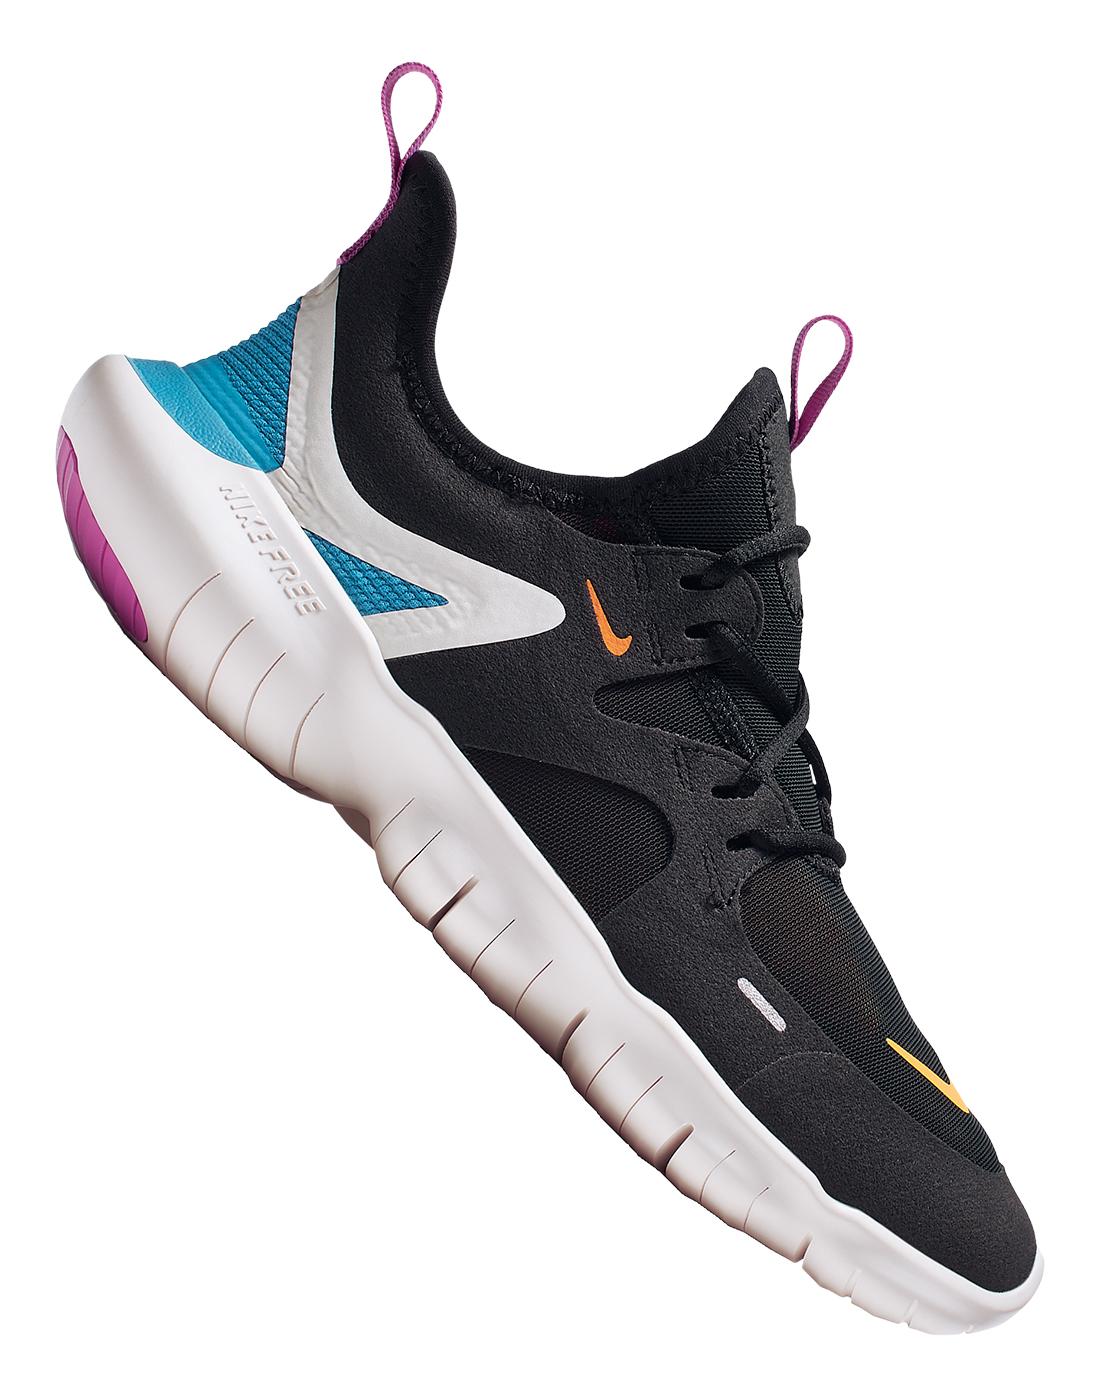 ed526c7892031 Nike Older Kids Free RN 5.0